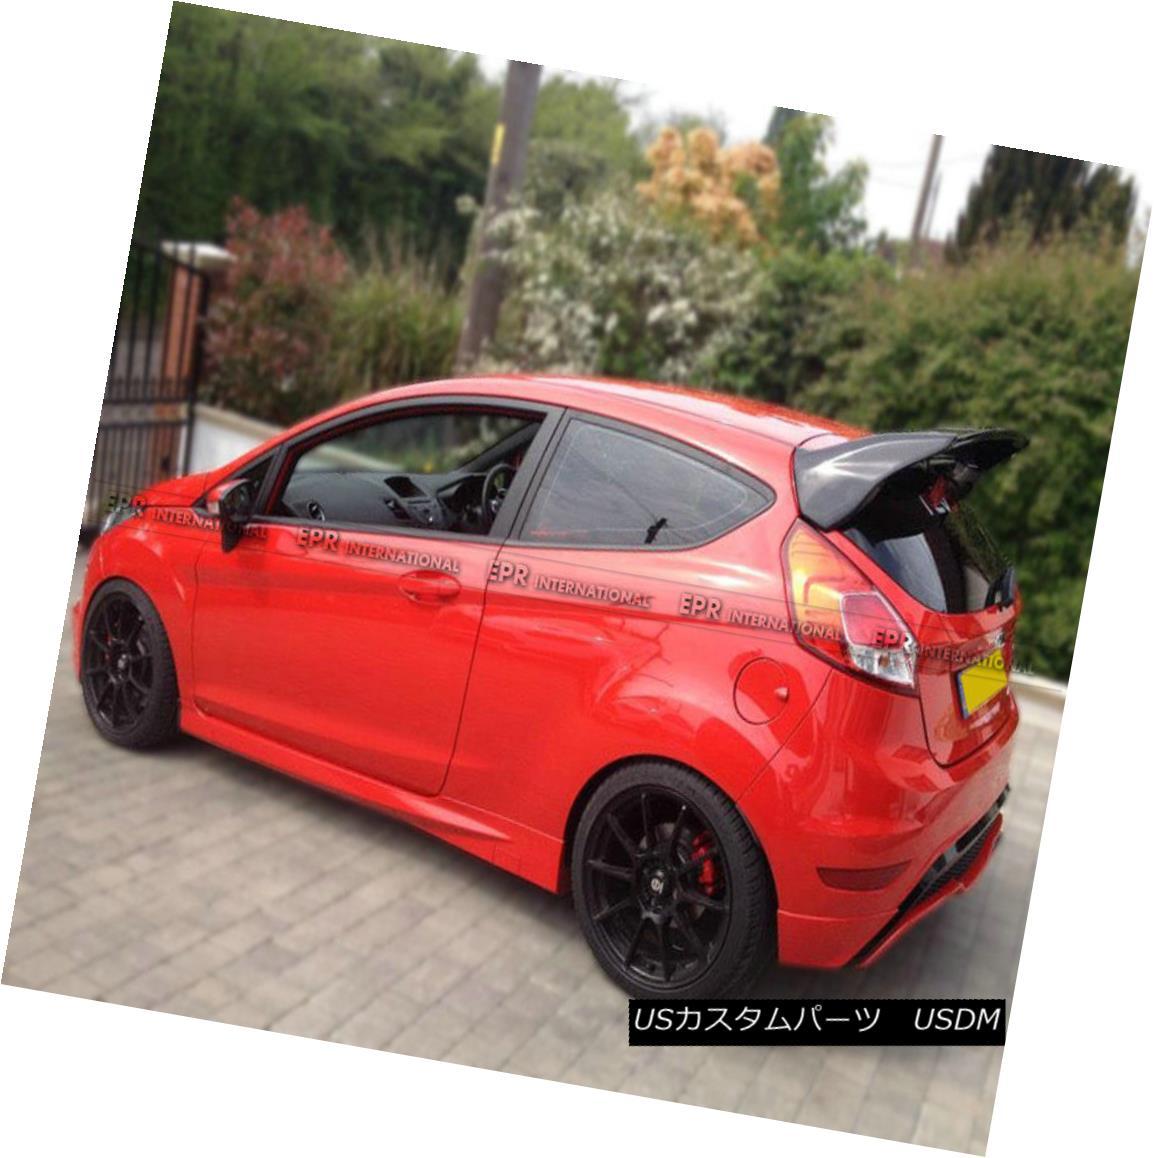 エアロパーツ ABC Rear Trunk Spoiler Wing Lip For Ford Fiesta ST Facelift RS Style FRP Craft Ford Fiesta ST用のABCリアトランクスポイラーウイングリップFacelift RSスタイルFRPクラフト